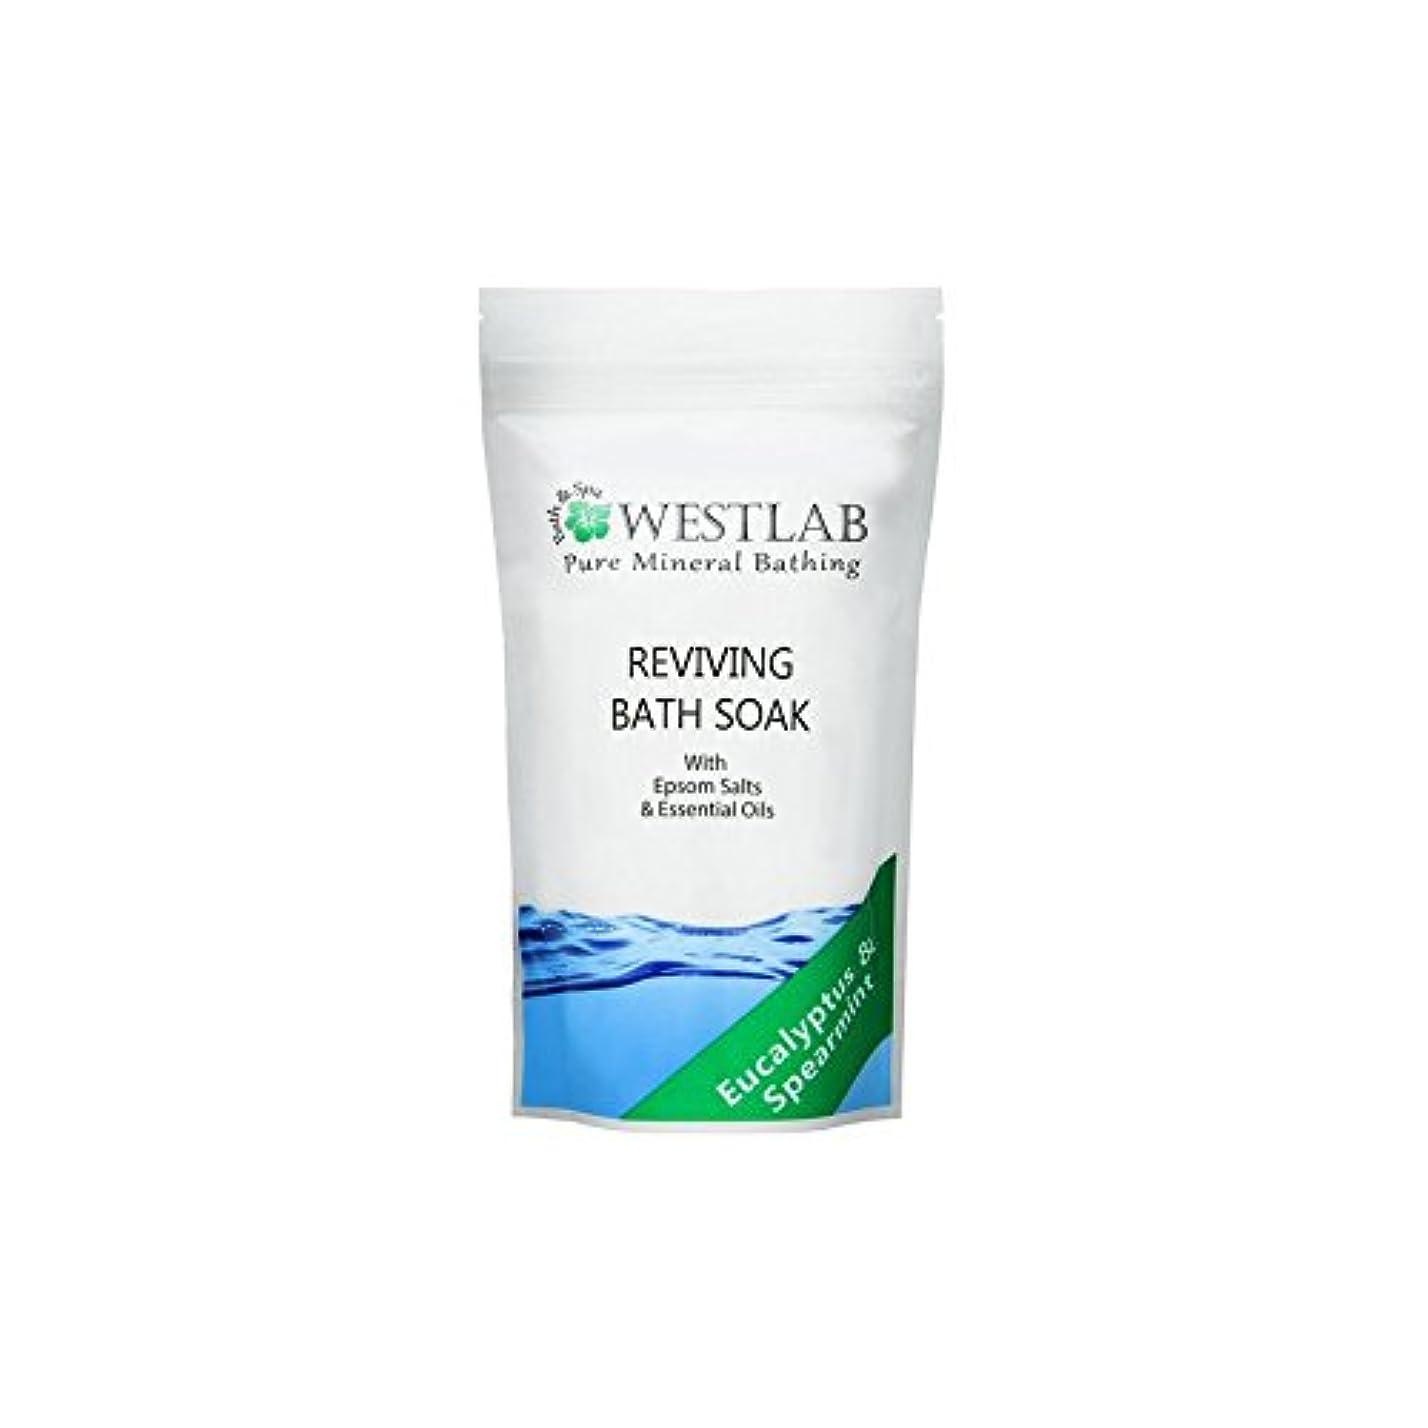 エスニック大量直立(500グラム)をソークエプソム塩浴を復活させます x4 - Westlab Revive Epsom Salt Bath Soak (500g) (Pack of 4) [並行輸入品]